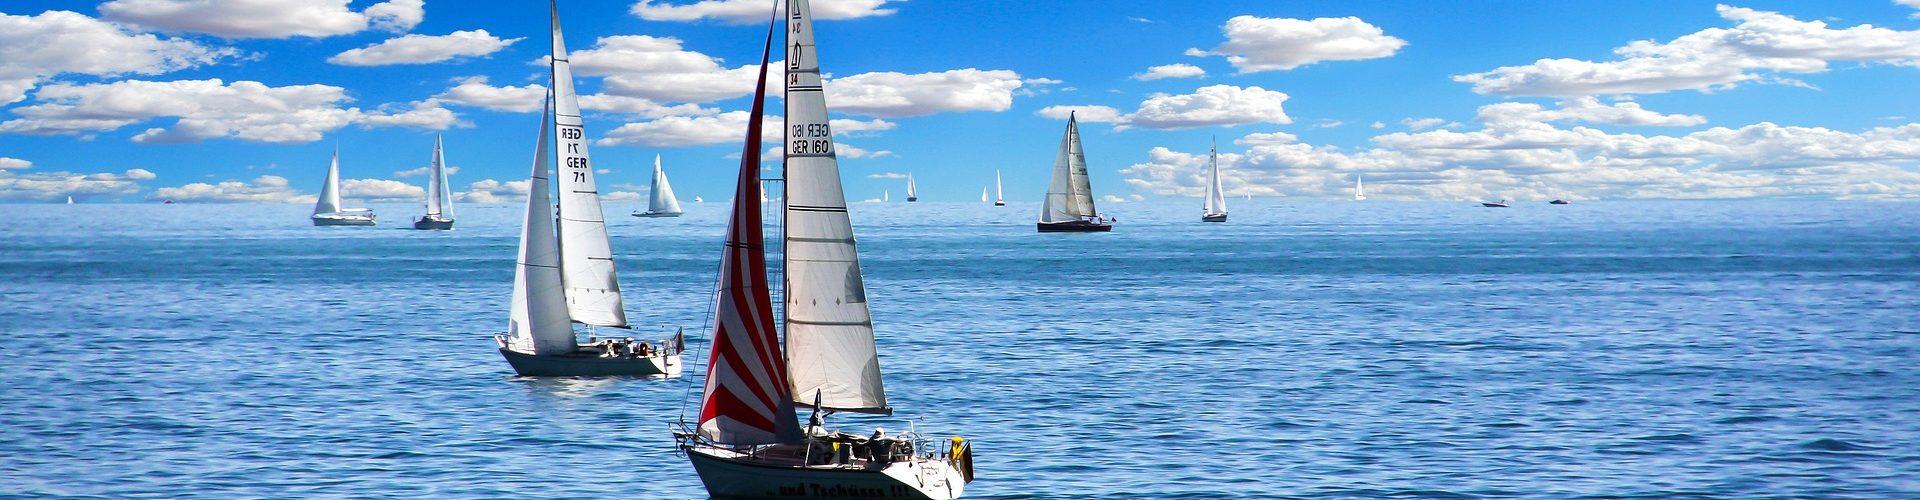 segeln lernen in Pfaffenhofen an der Ilm segelschein machen in Pfaffenhofen an der Ilm 1920x500 - Segeln lernen in Pfaffenhofen an der Ilm